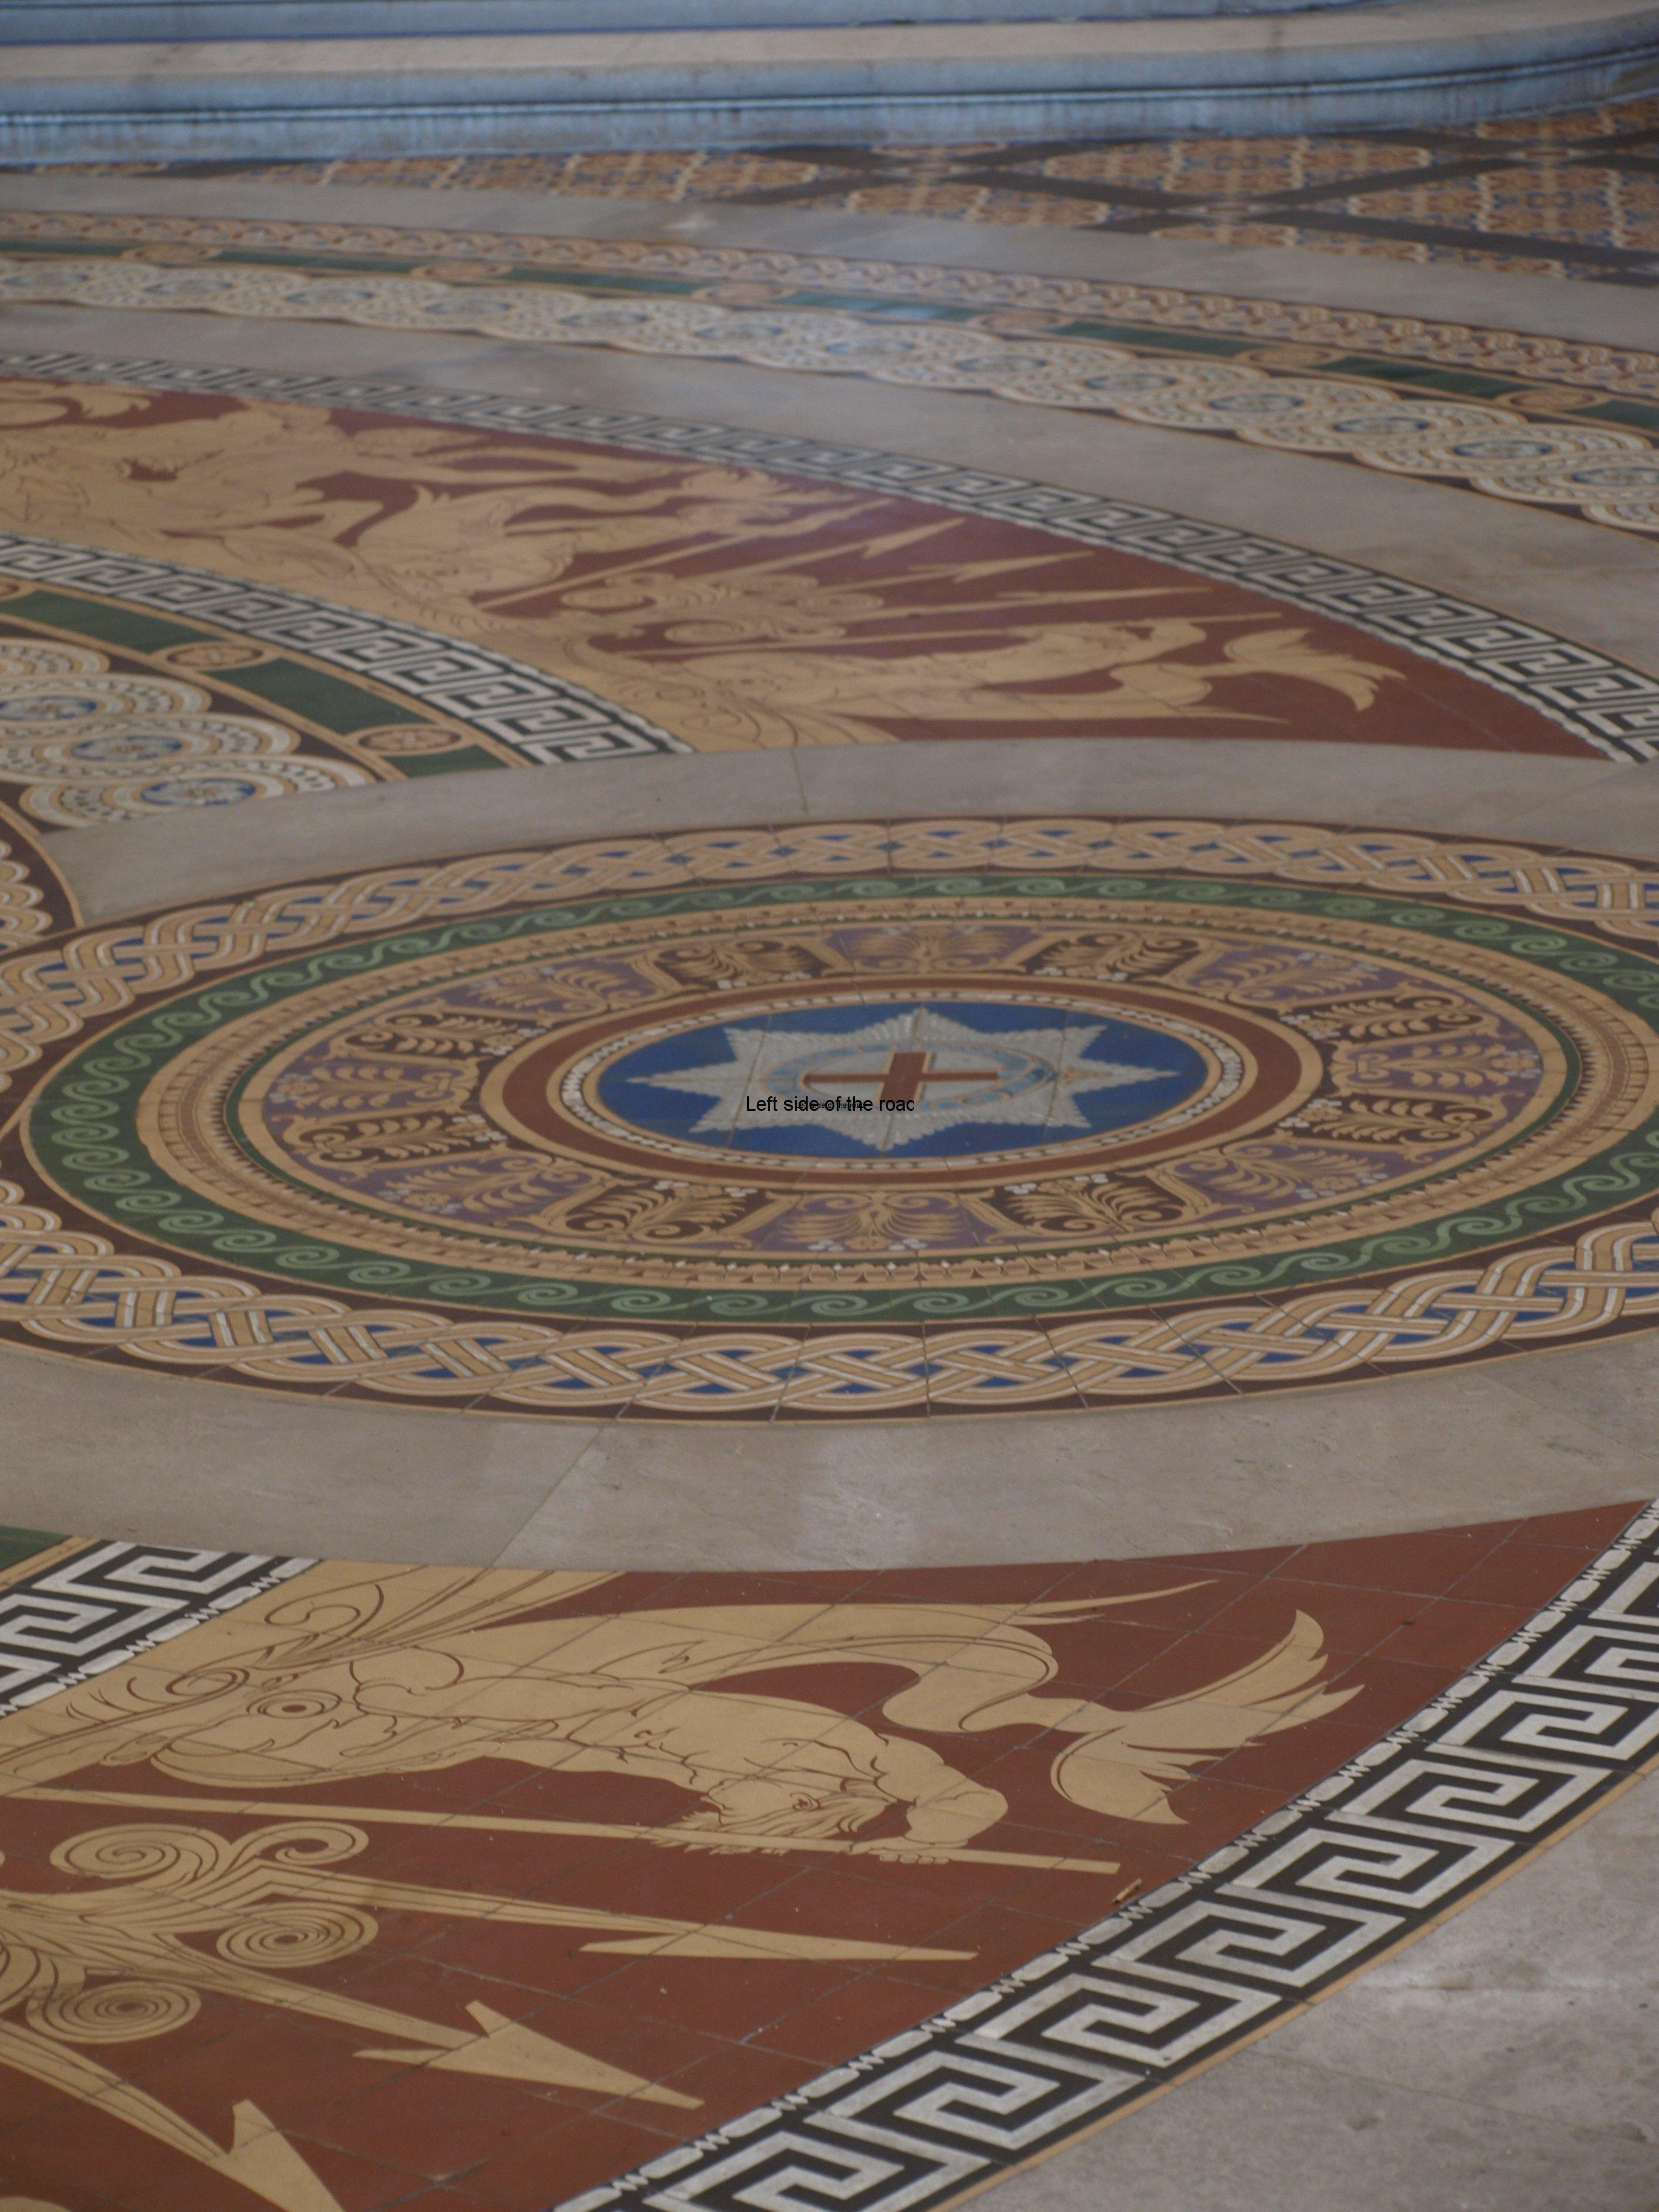 Minton Tile Floor, St George's Hall Liverpool